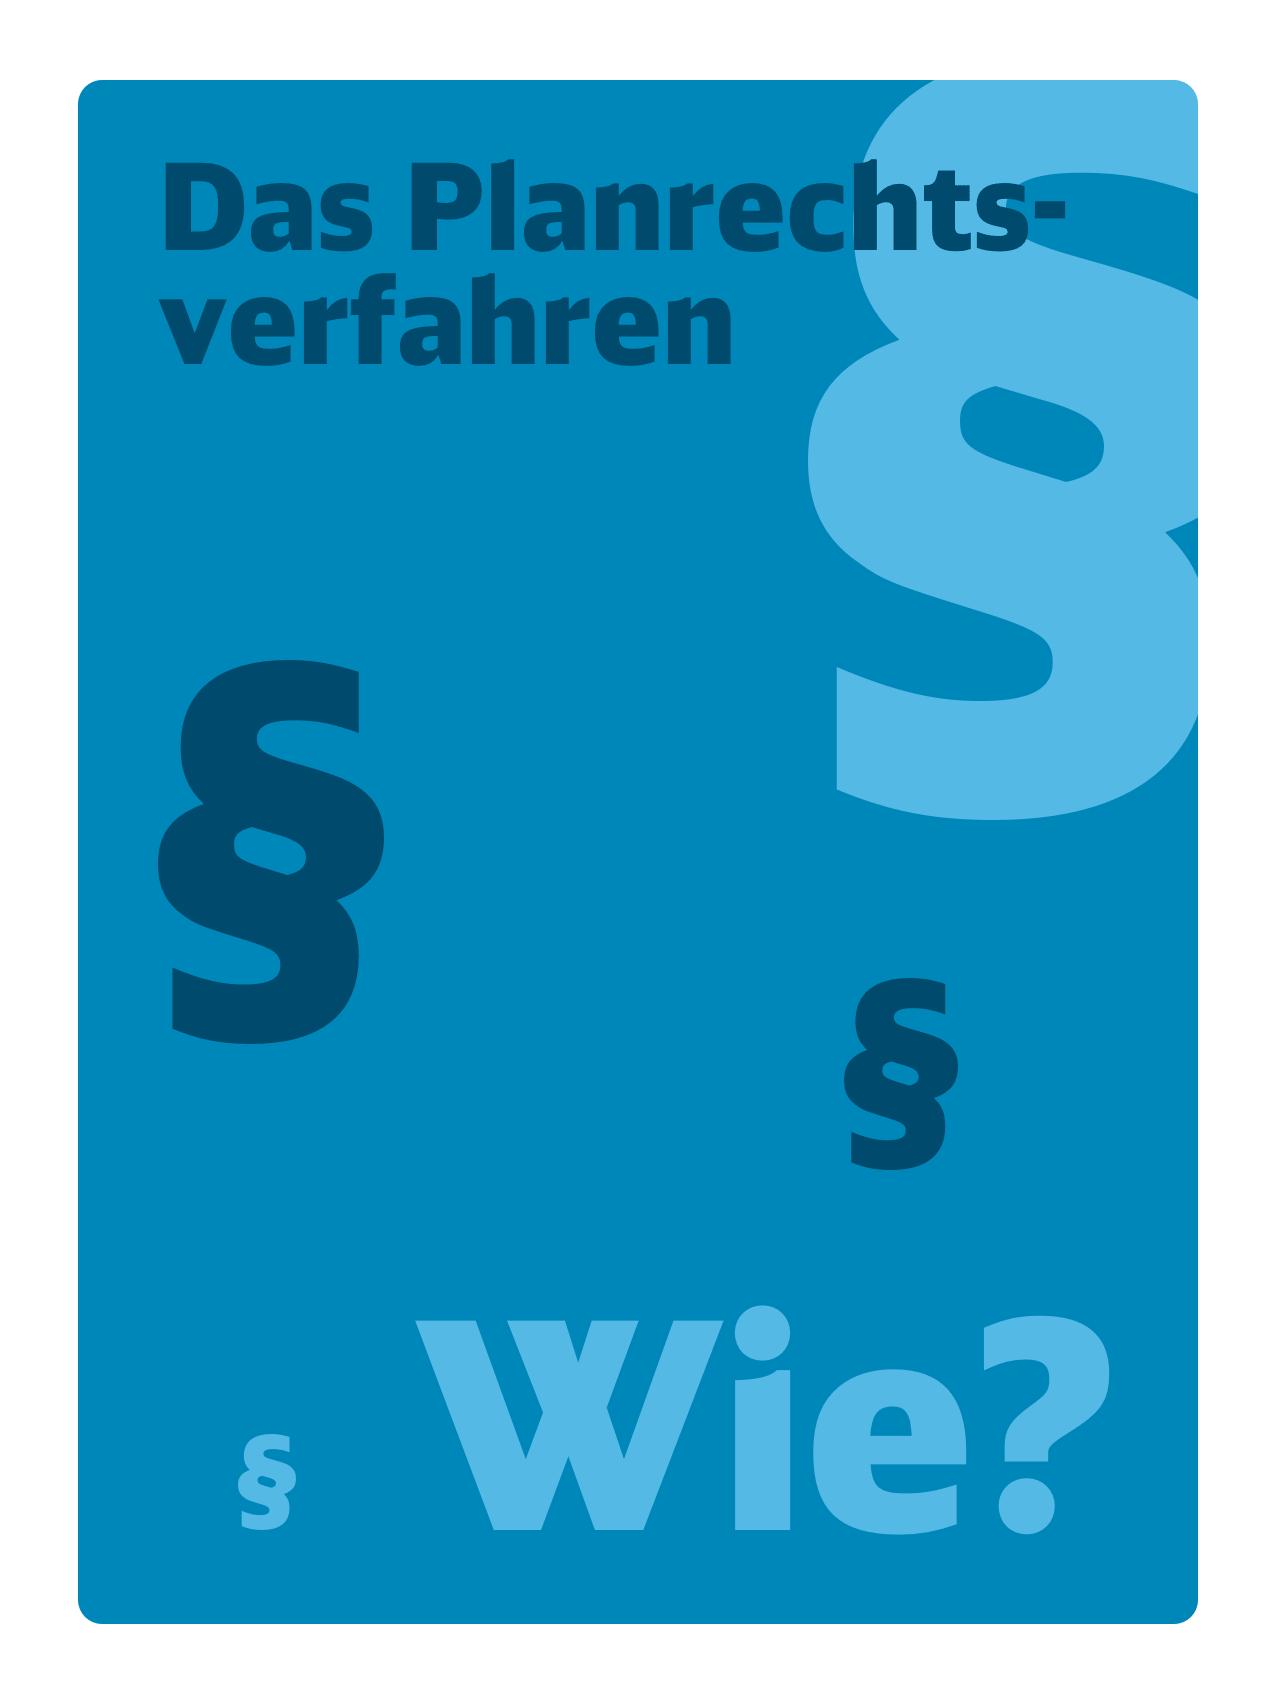 Poster Planrechtsverfahren